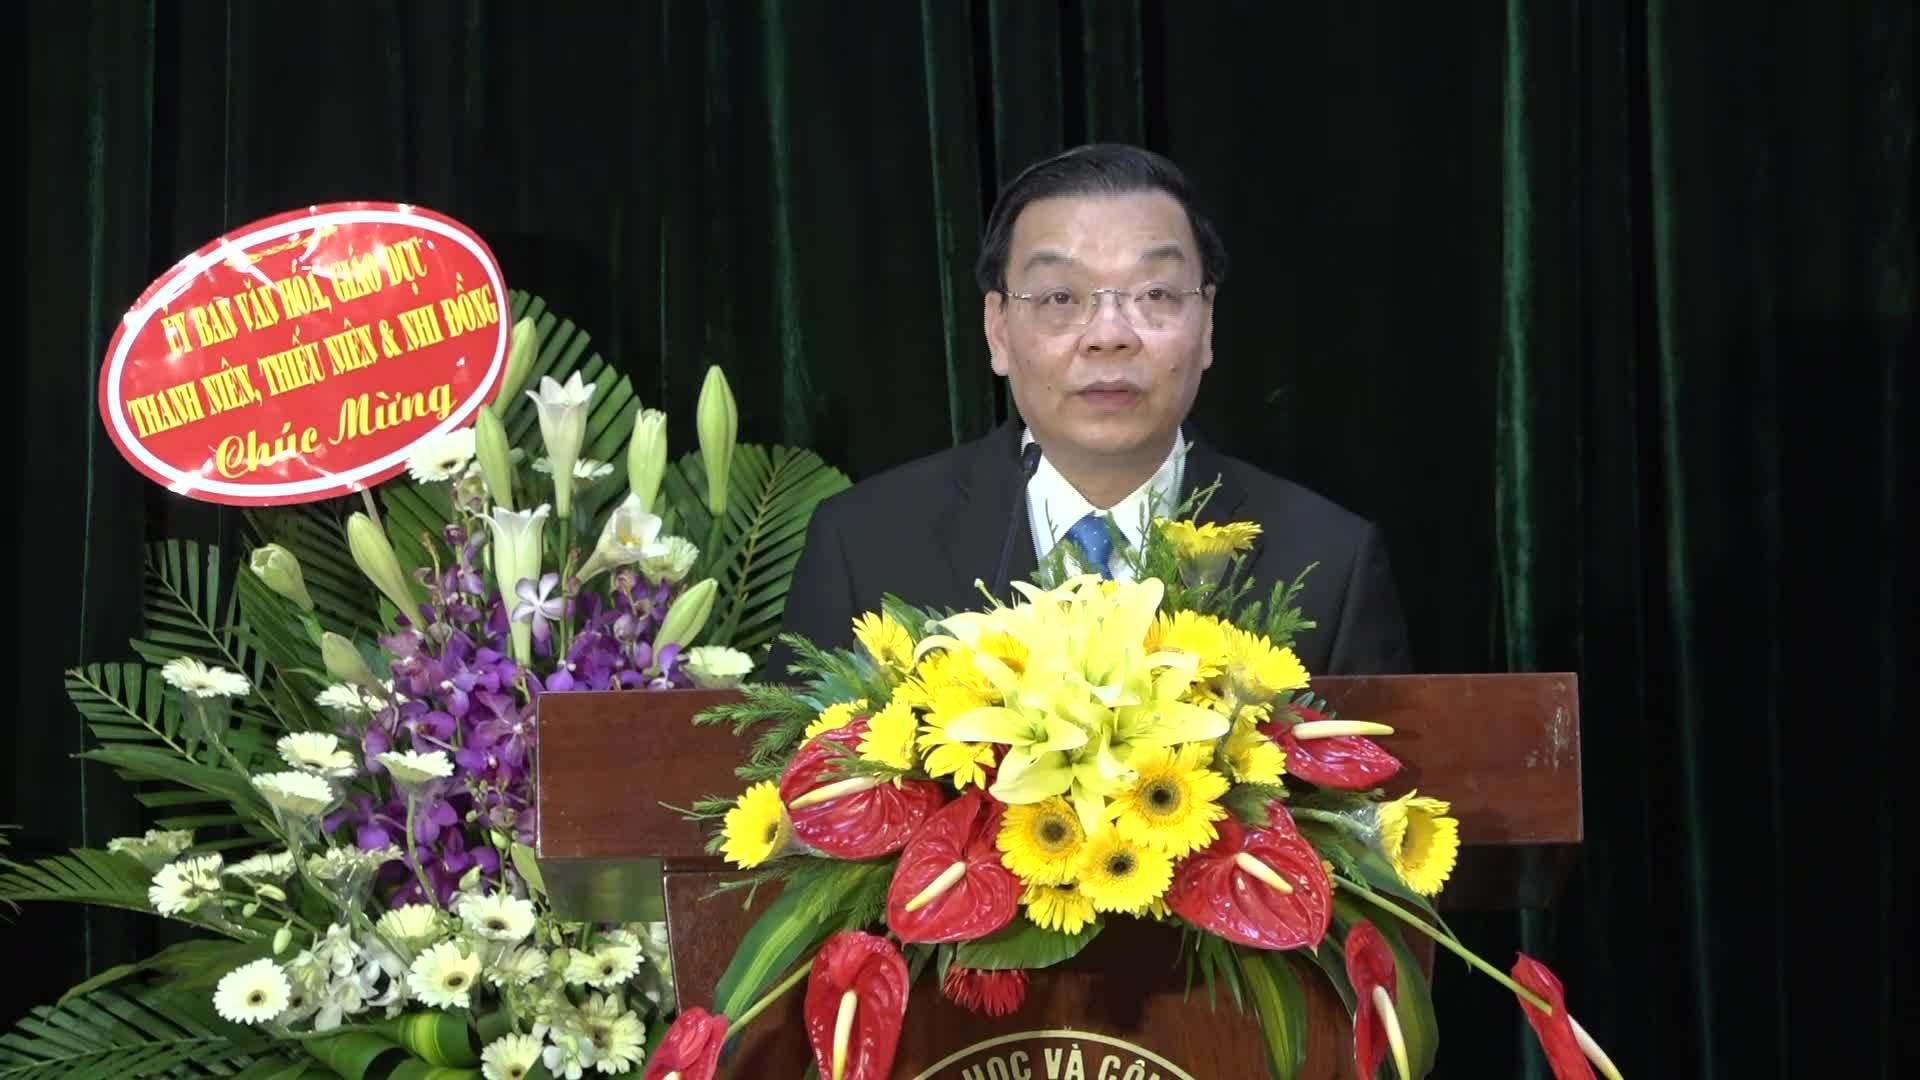 Bô trưởng Chu Ngoc ANh